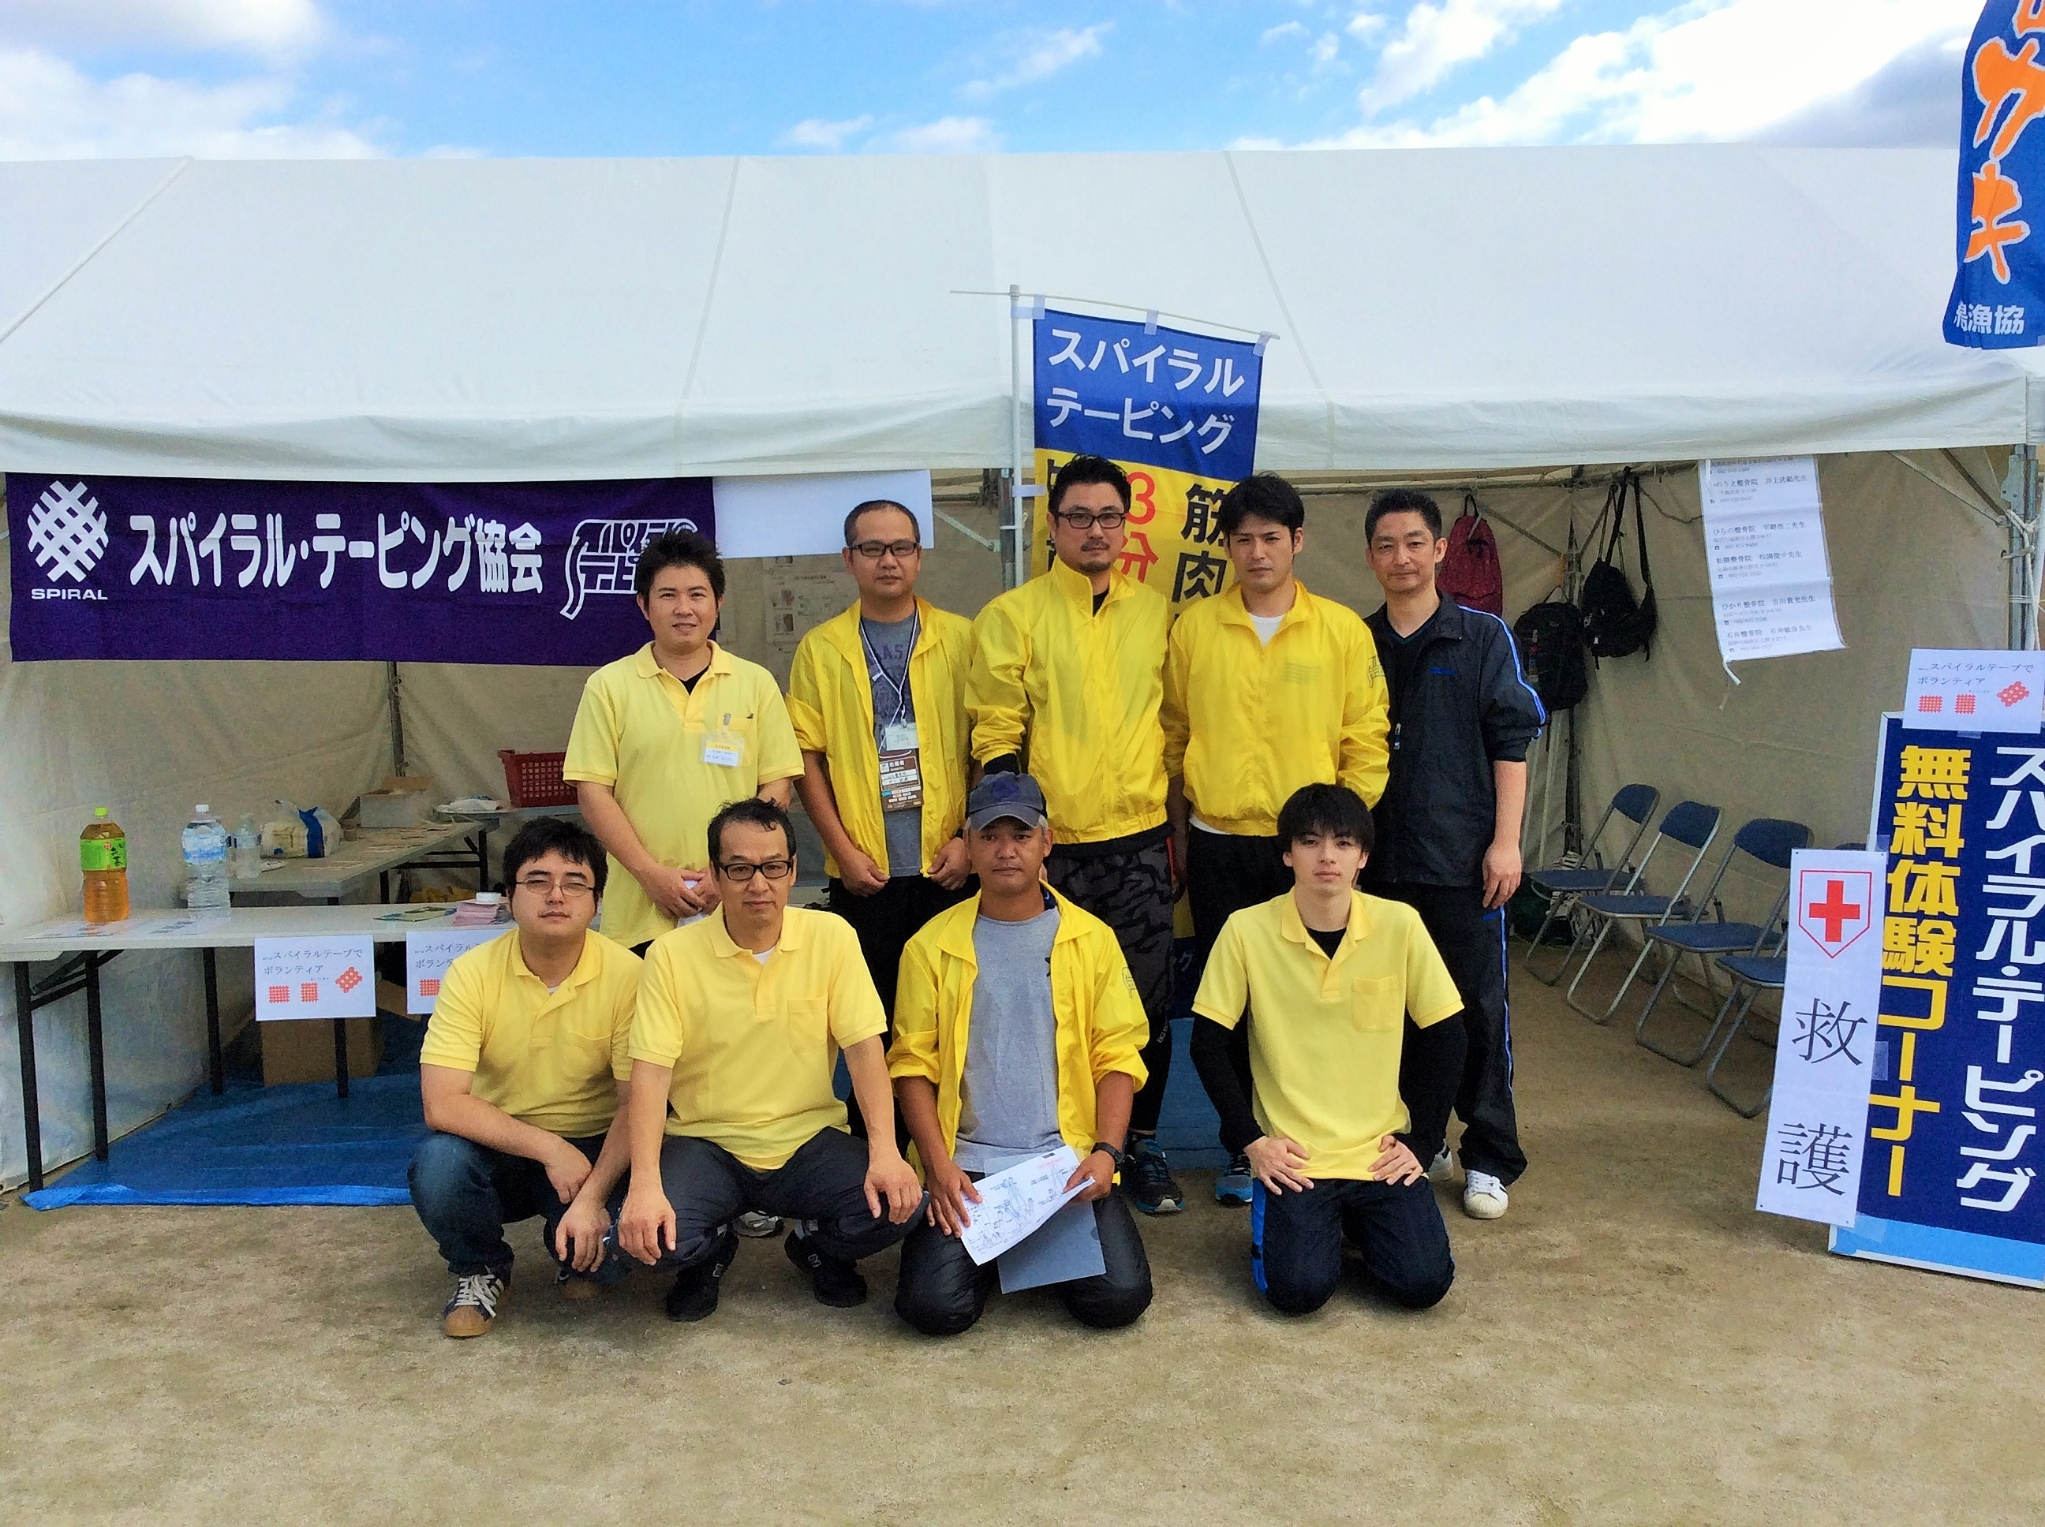 福岡マラソン2015集合